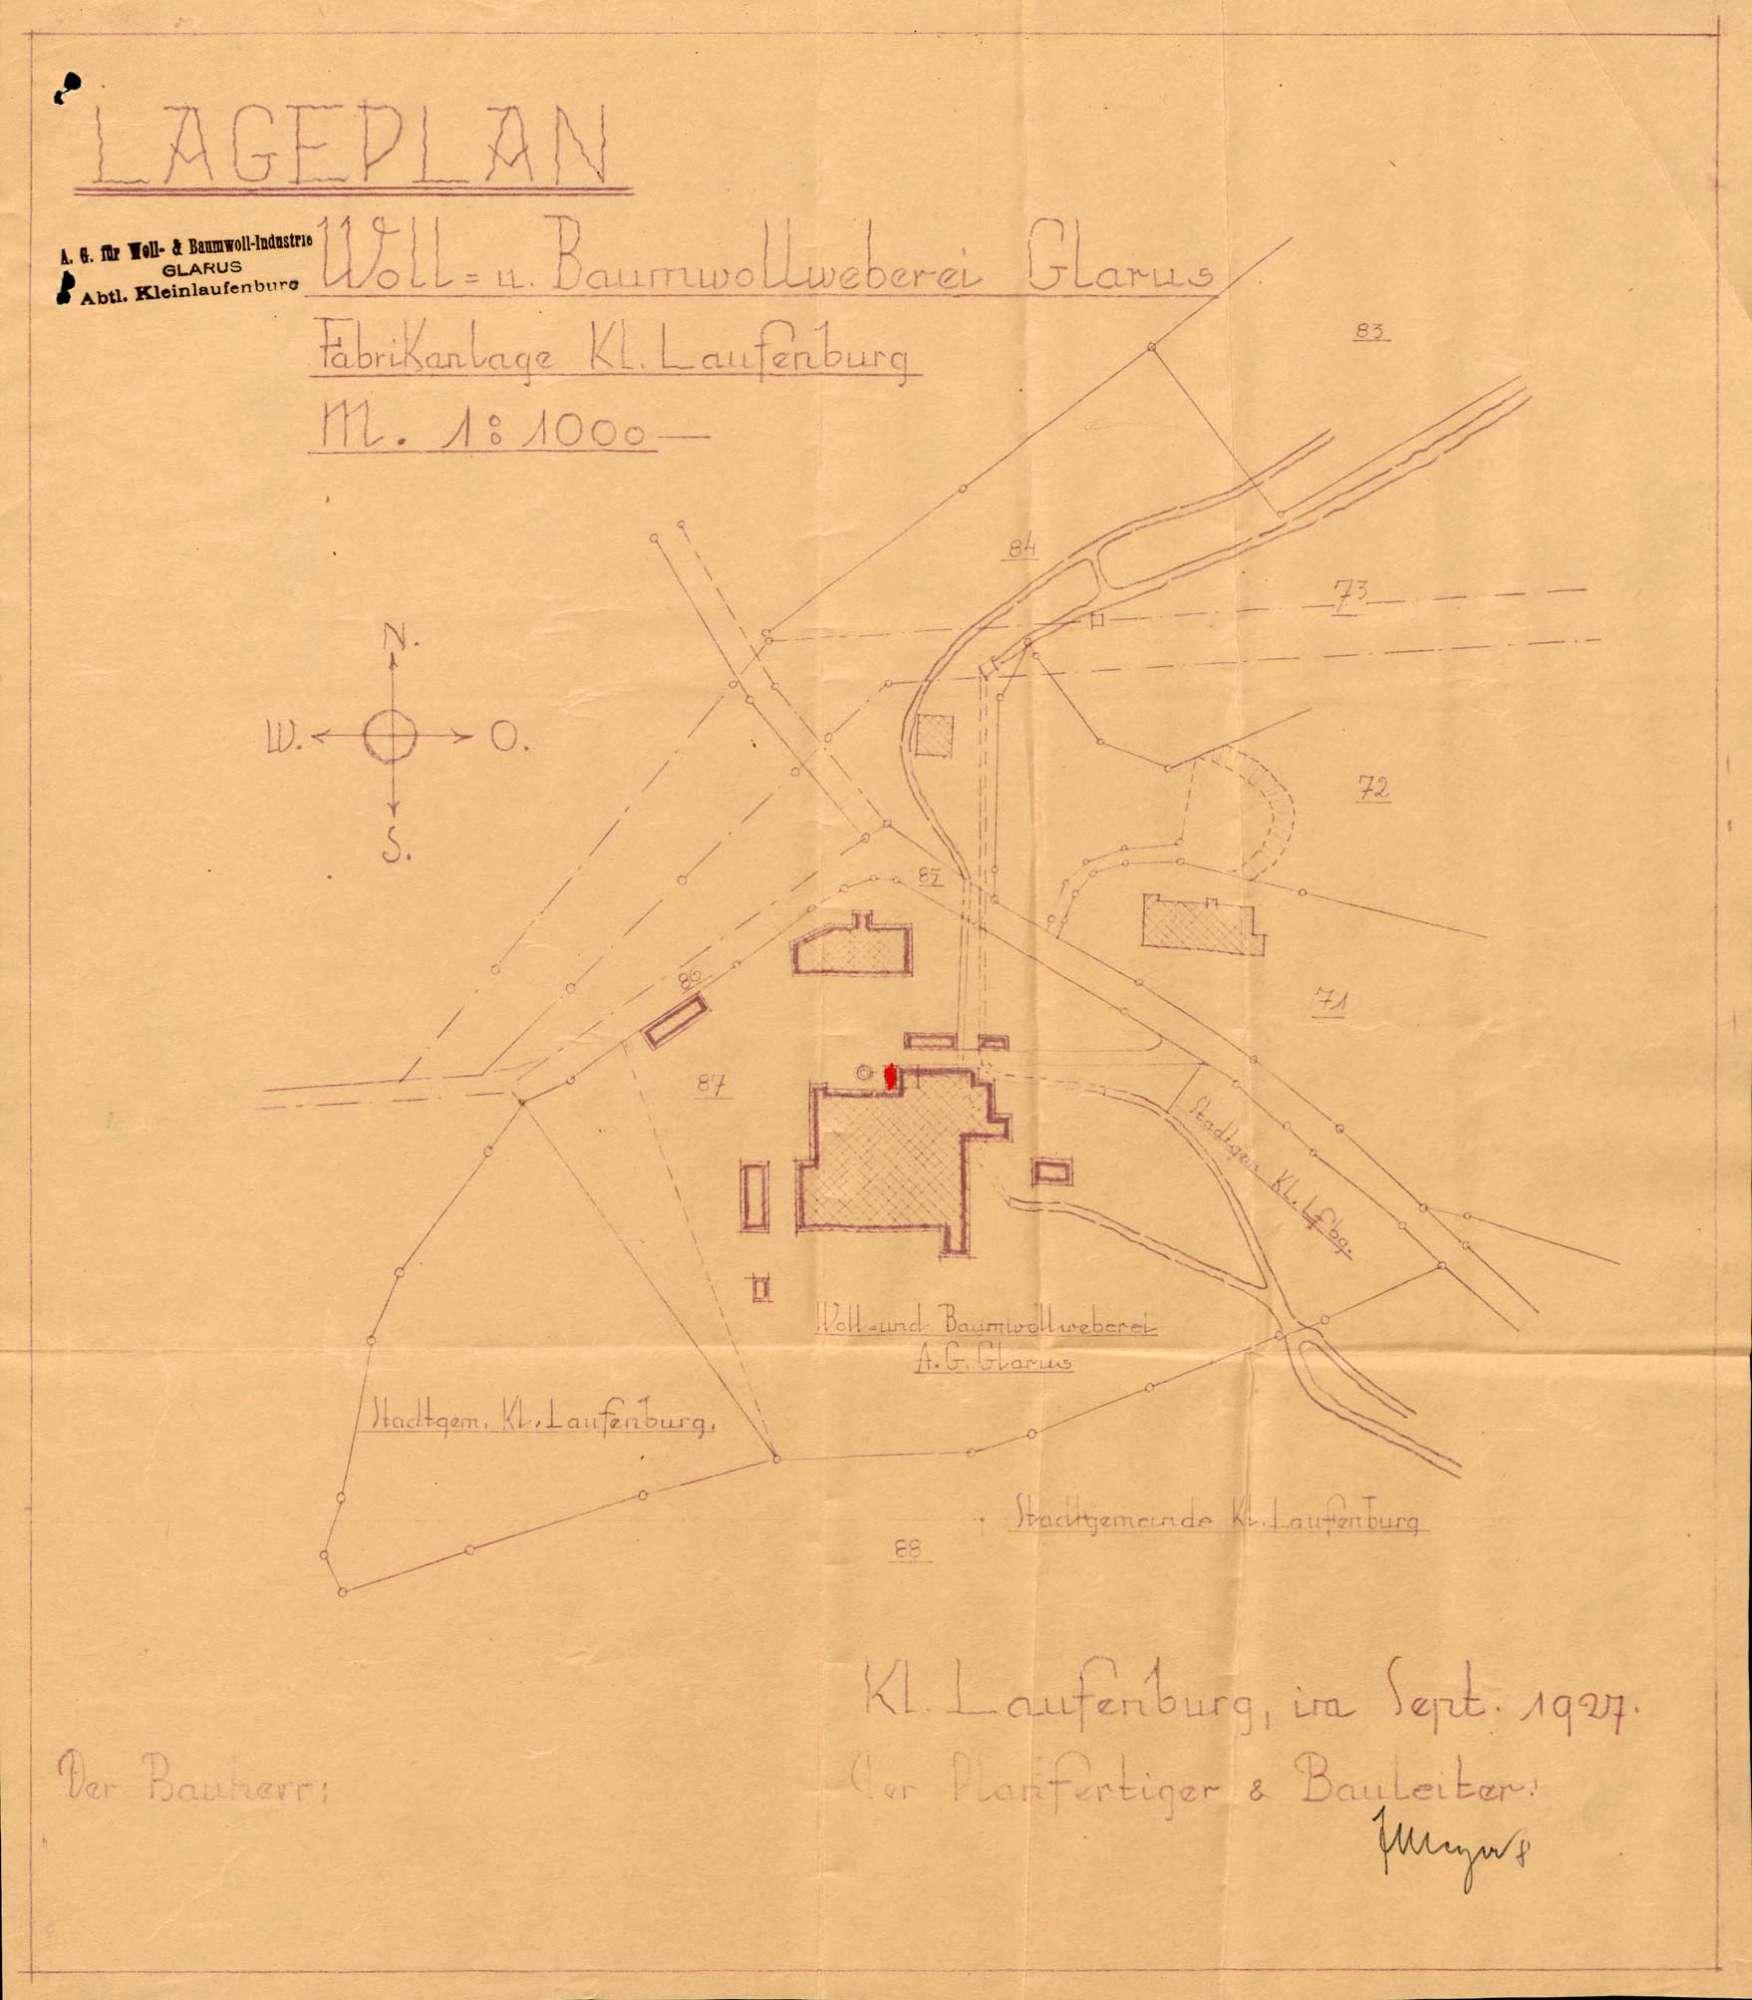 Dampfkessel der Firma Baumwoll-Industrie Glarus in Kleinlaufenburg bzw. Laufenburg (Baden), Bild 1